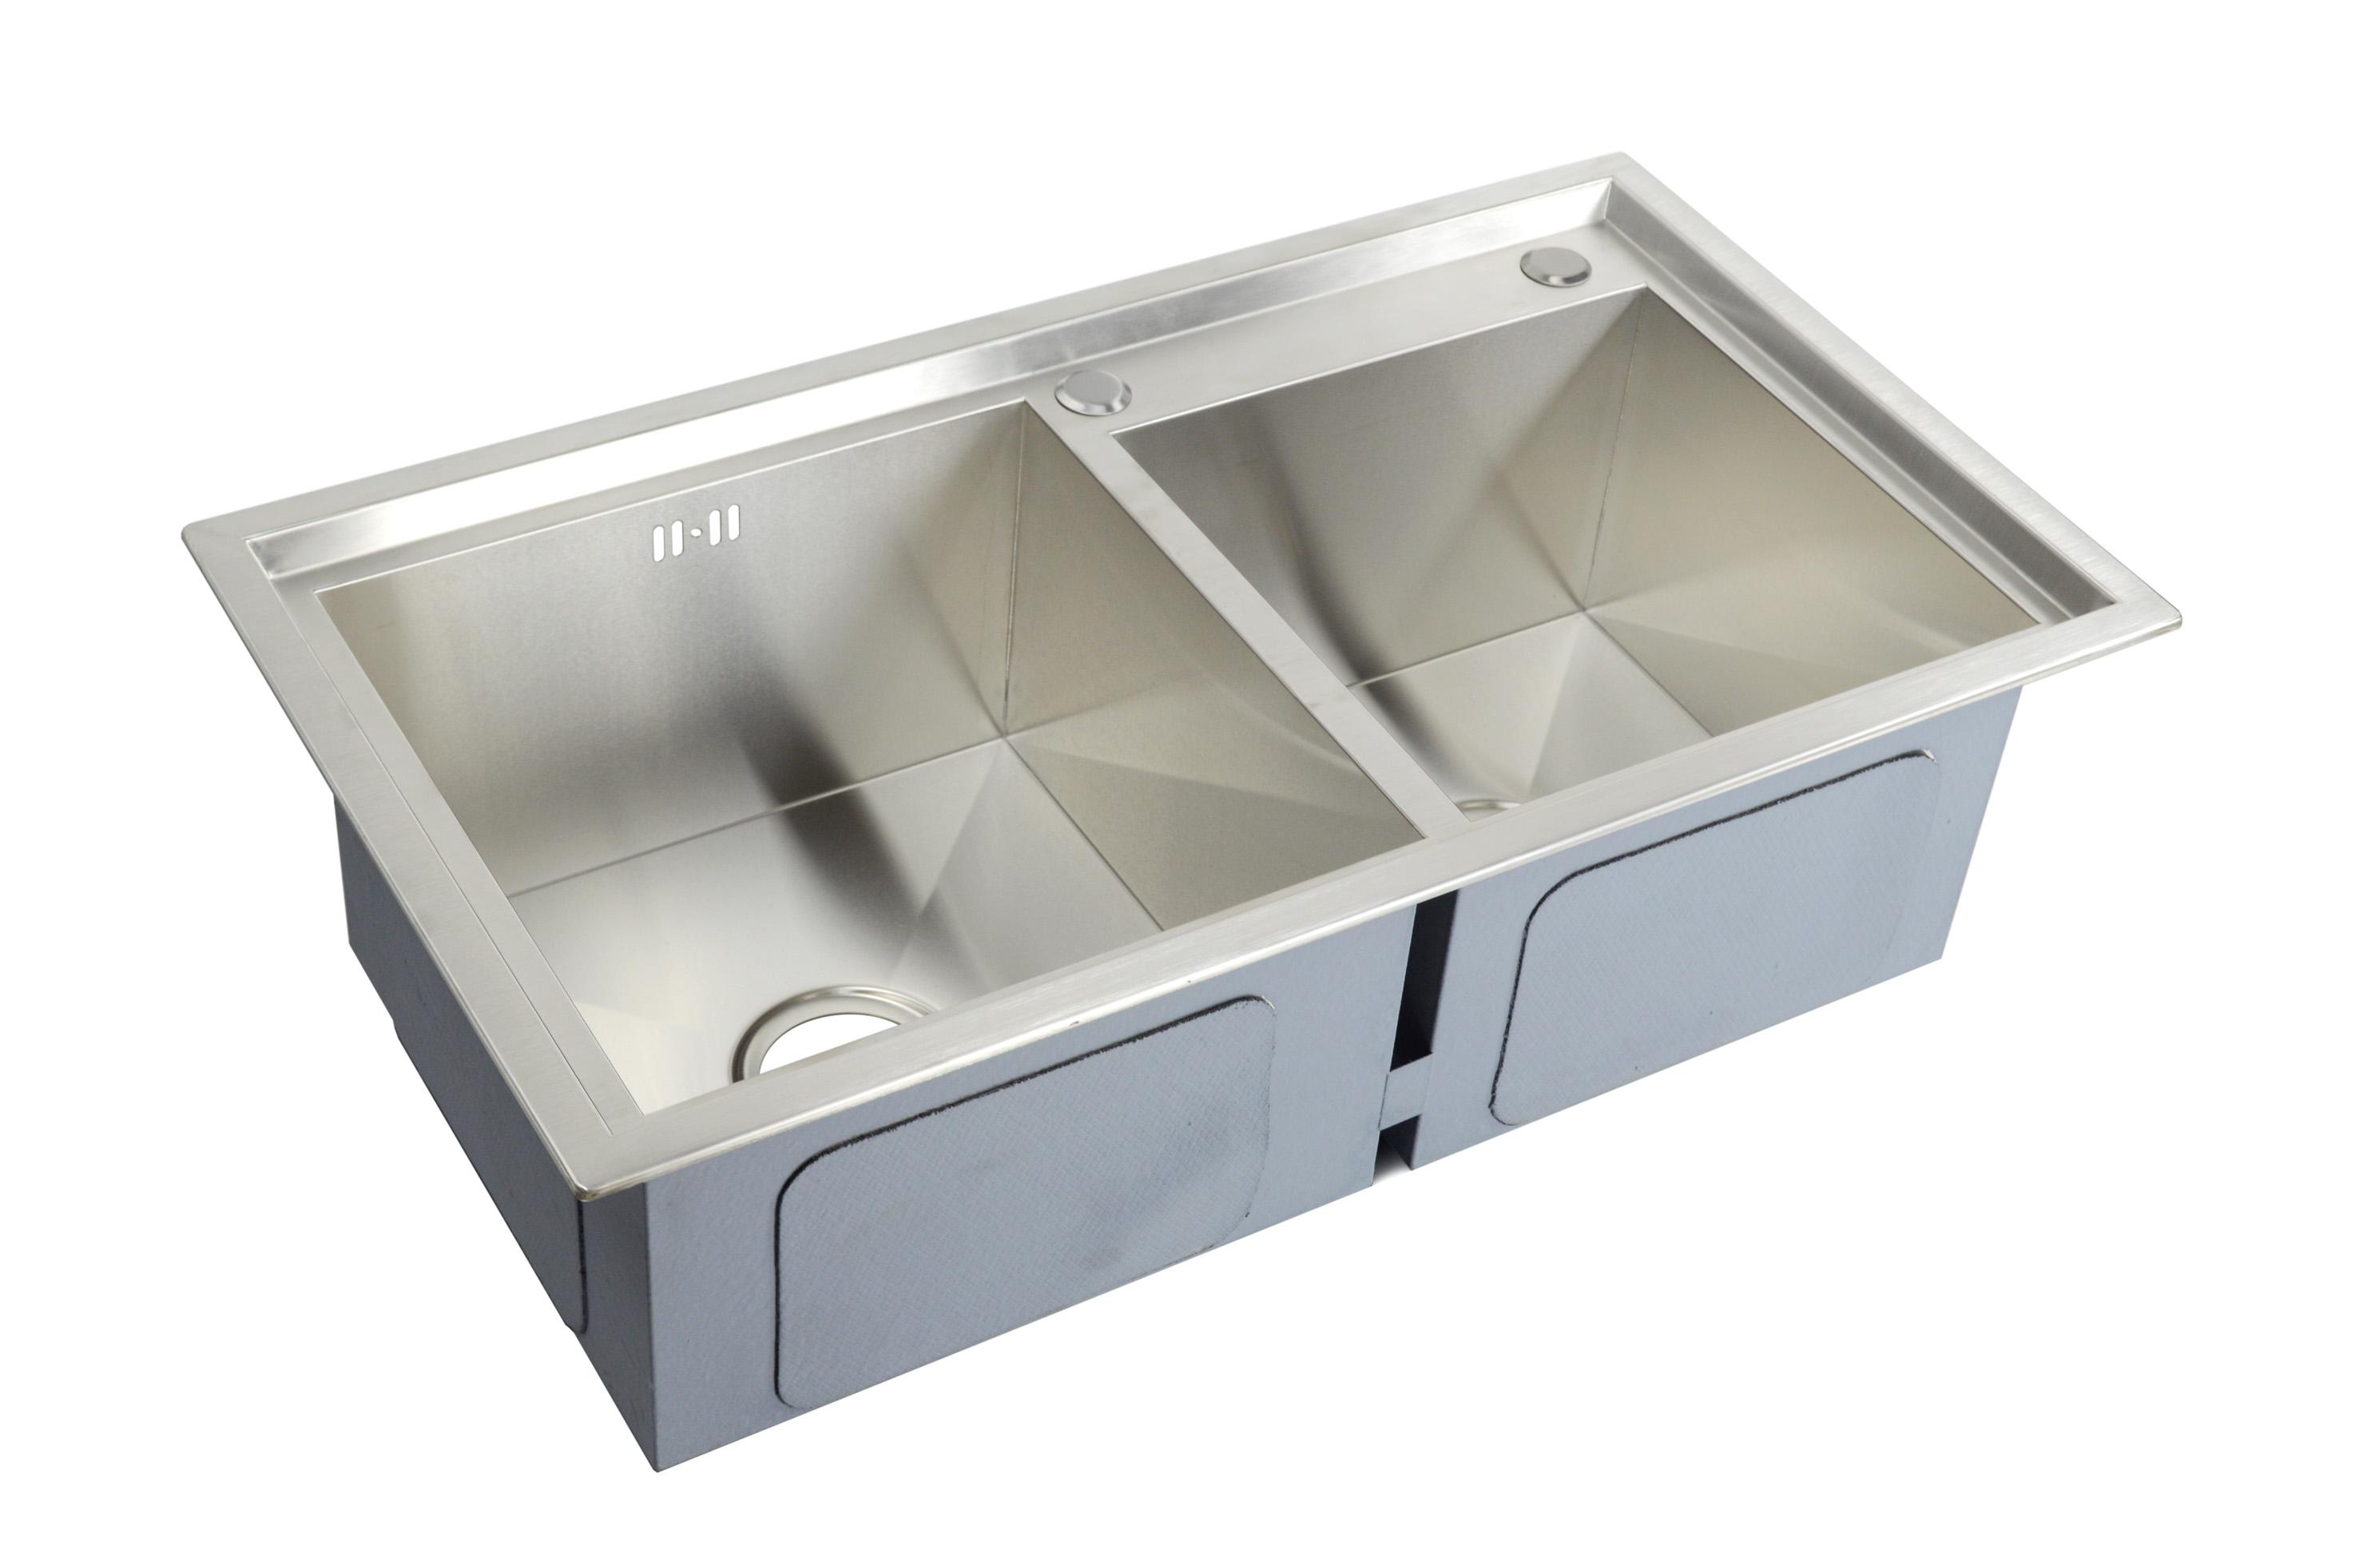 优质的不锈钢手工水槽设计与制作